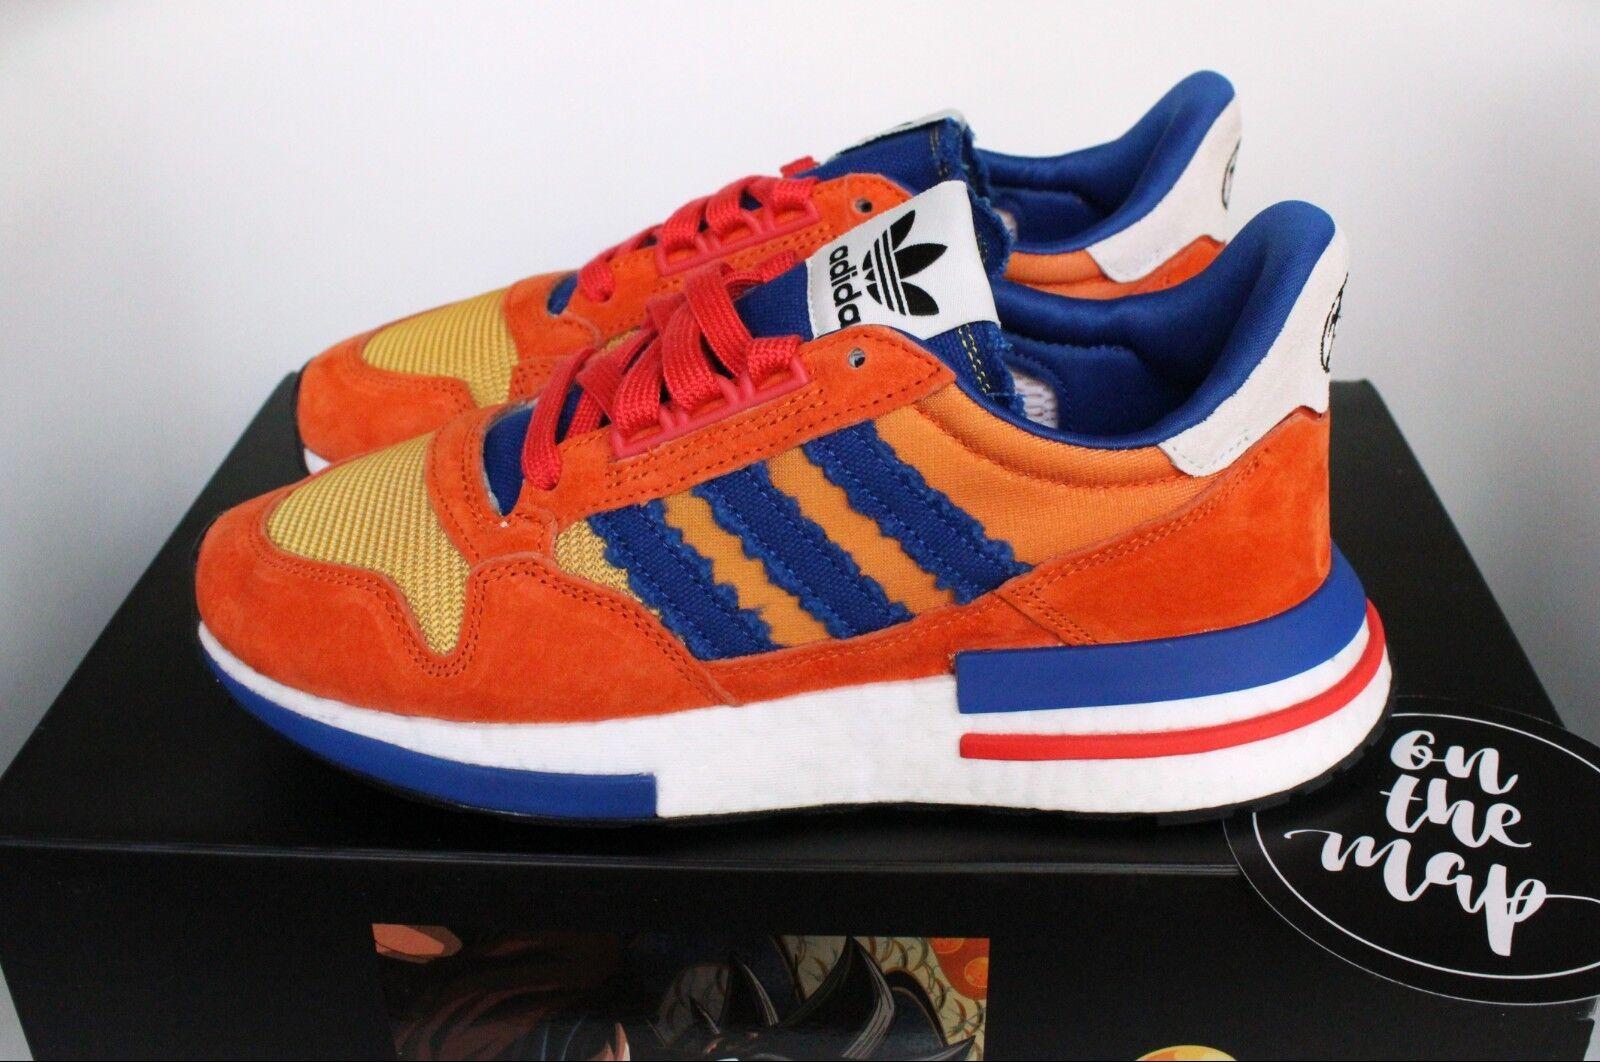 Adidas ZX 500 RM Dragonball Z DBZ Son Goku orange bluee 5 6 7 8 9 D97046 New